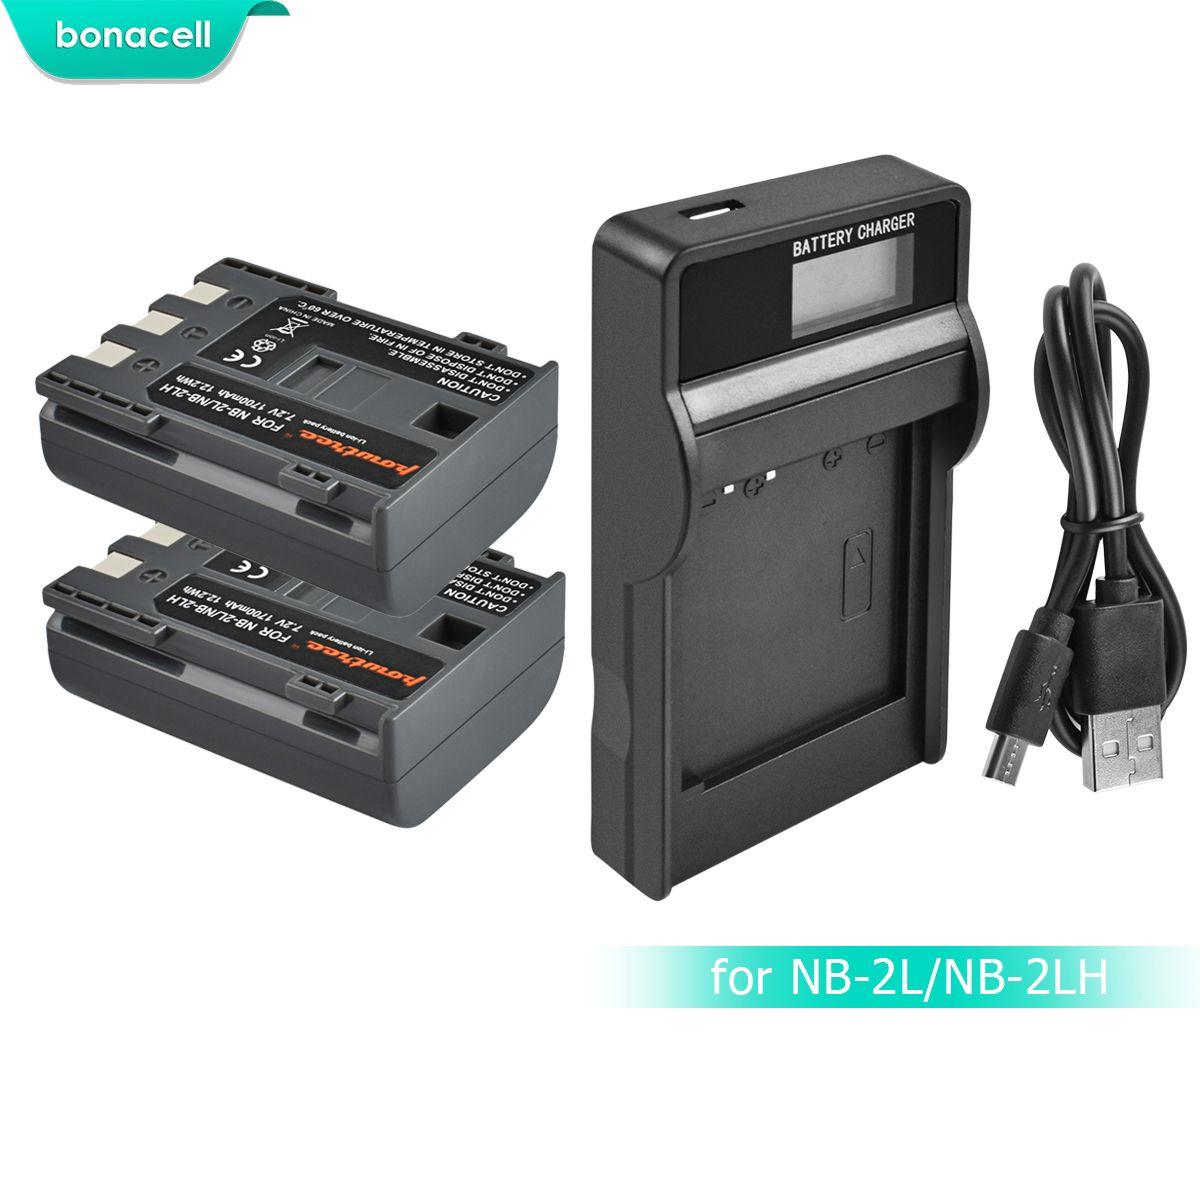 Bonacell 1700 mAh NB-2L NB2L NB-2LH NB 2LH NB2LH Batterie D'appareil Photo Numérique Pour Canon Rebel XT XTi 350D 400D G9 G7 S80 S70S30 L10